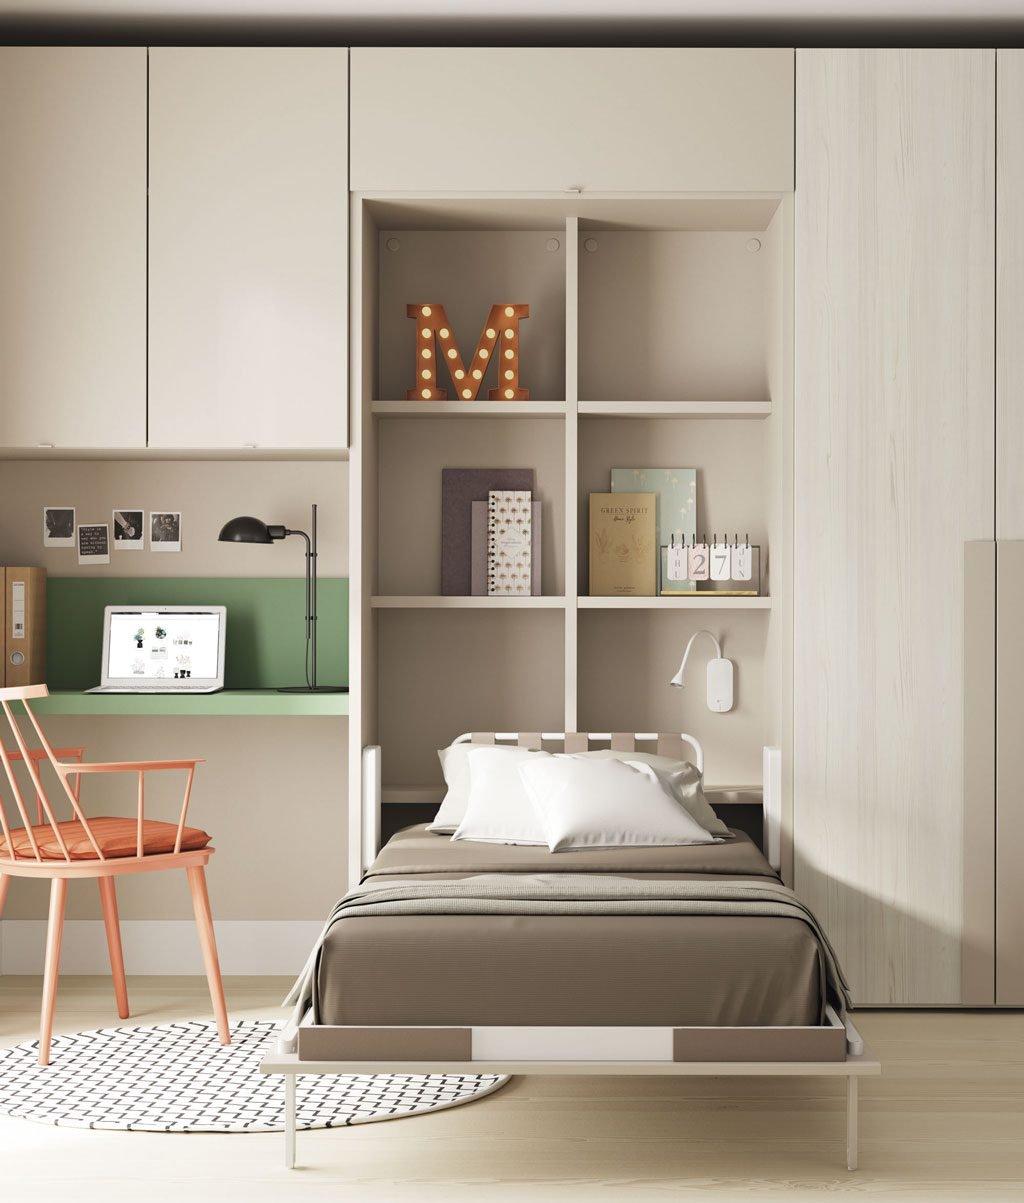 Detalle de la cama abatible vertical abierta para su uso